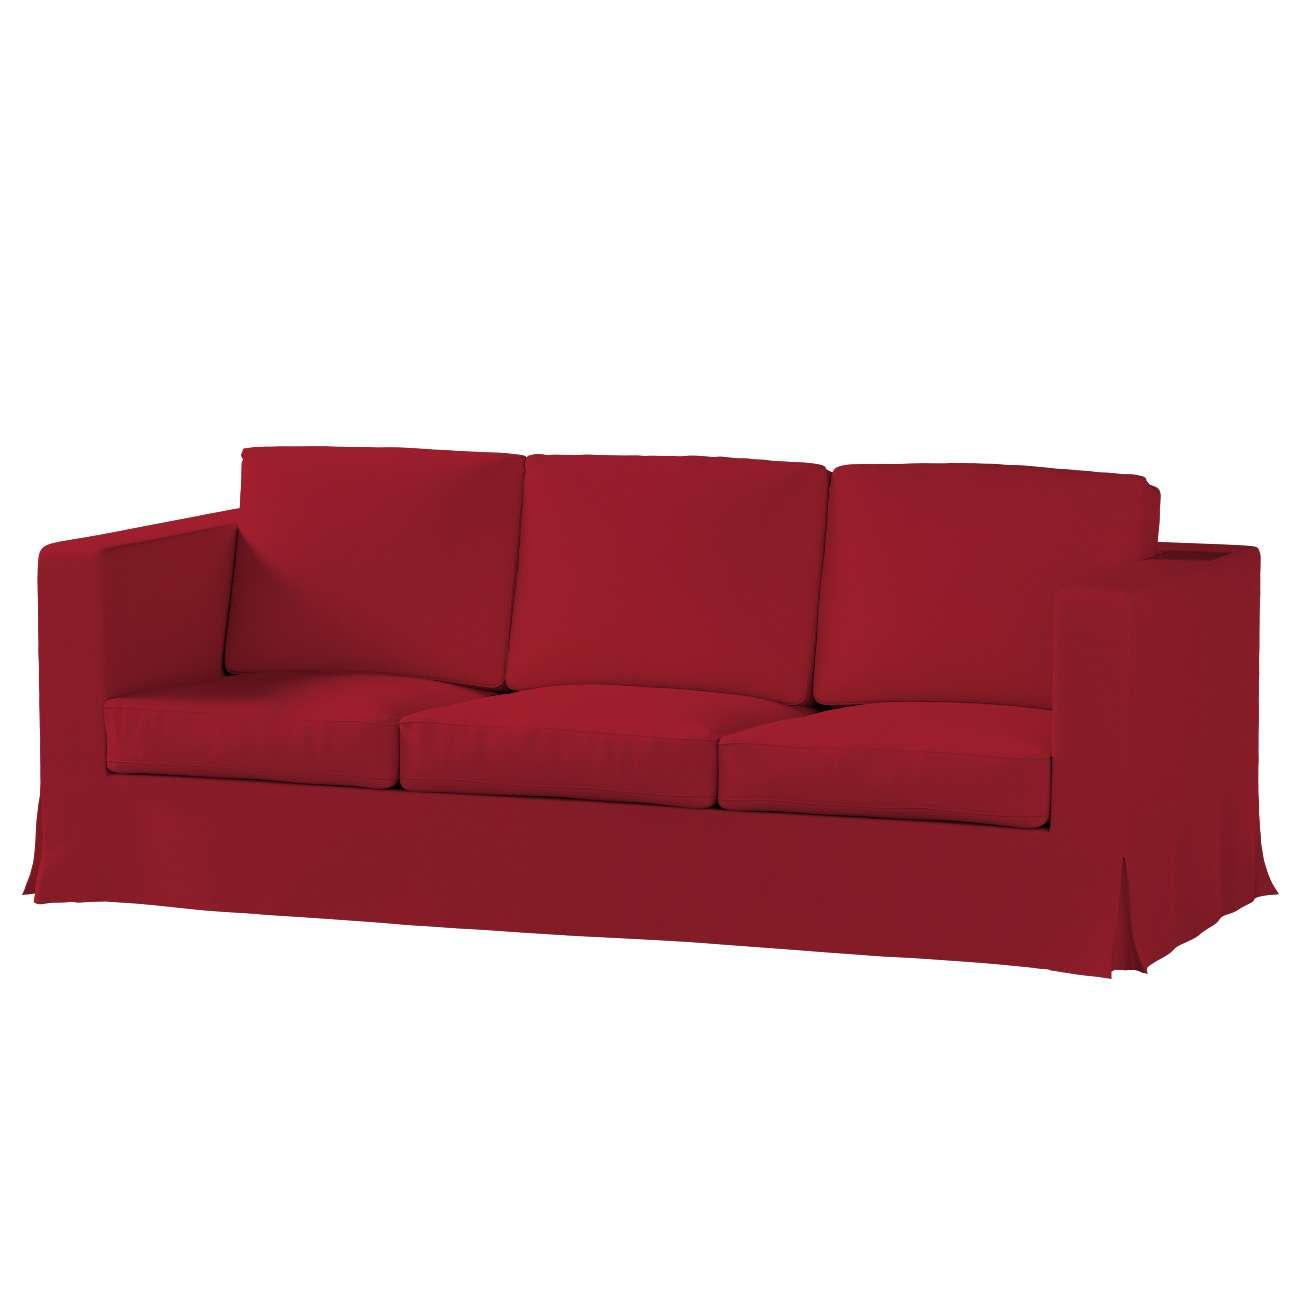 KARLANDA trivietės sofos iki žemės užvalkalas KARLANDA trivietės sofos iki žemės užvalkalas kolekcijoje Chenille, audinys: 702-24